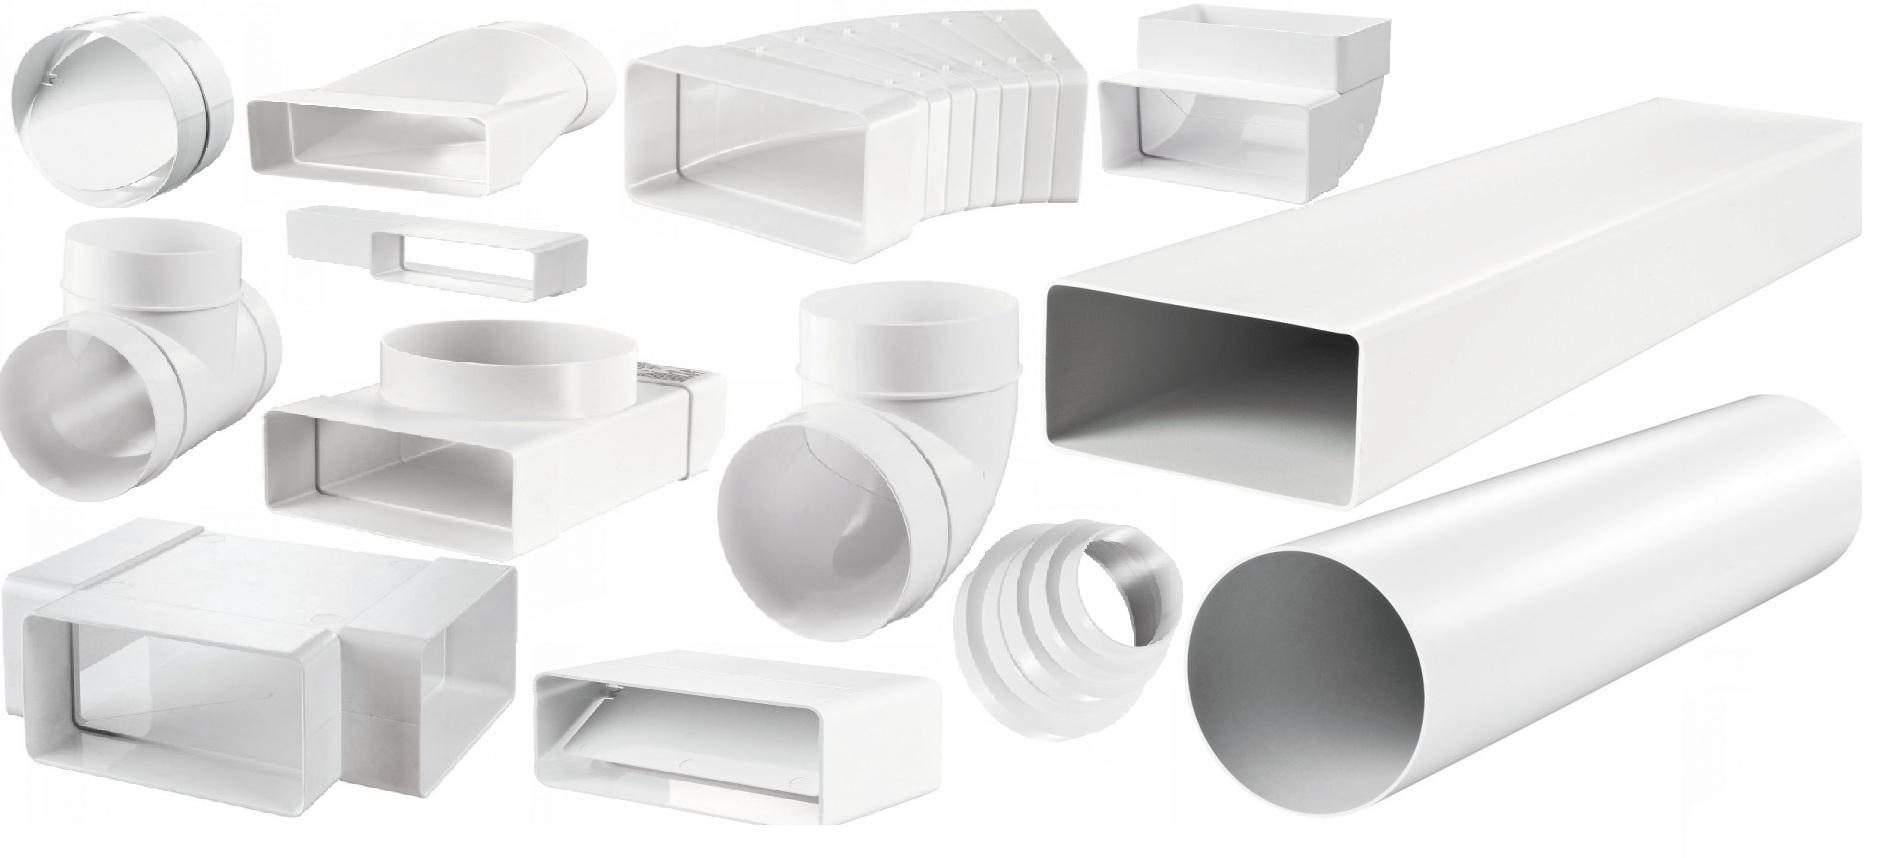 Трубы для вытяжки: диаметр, установка пластиковой гофрированной вентиляции, как спрятать